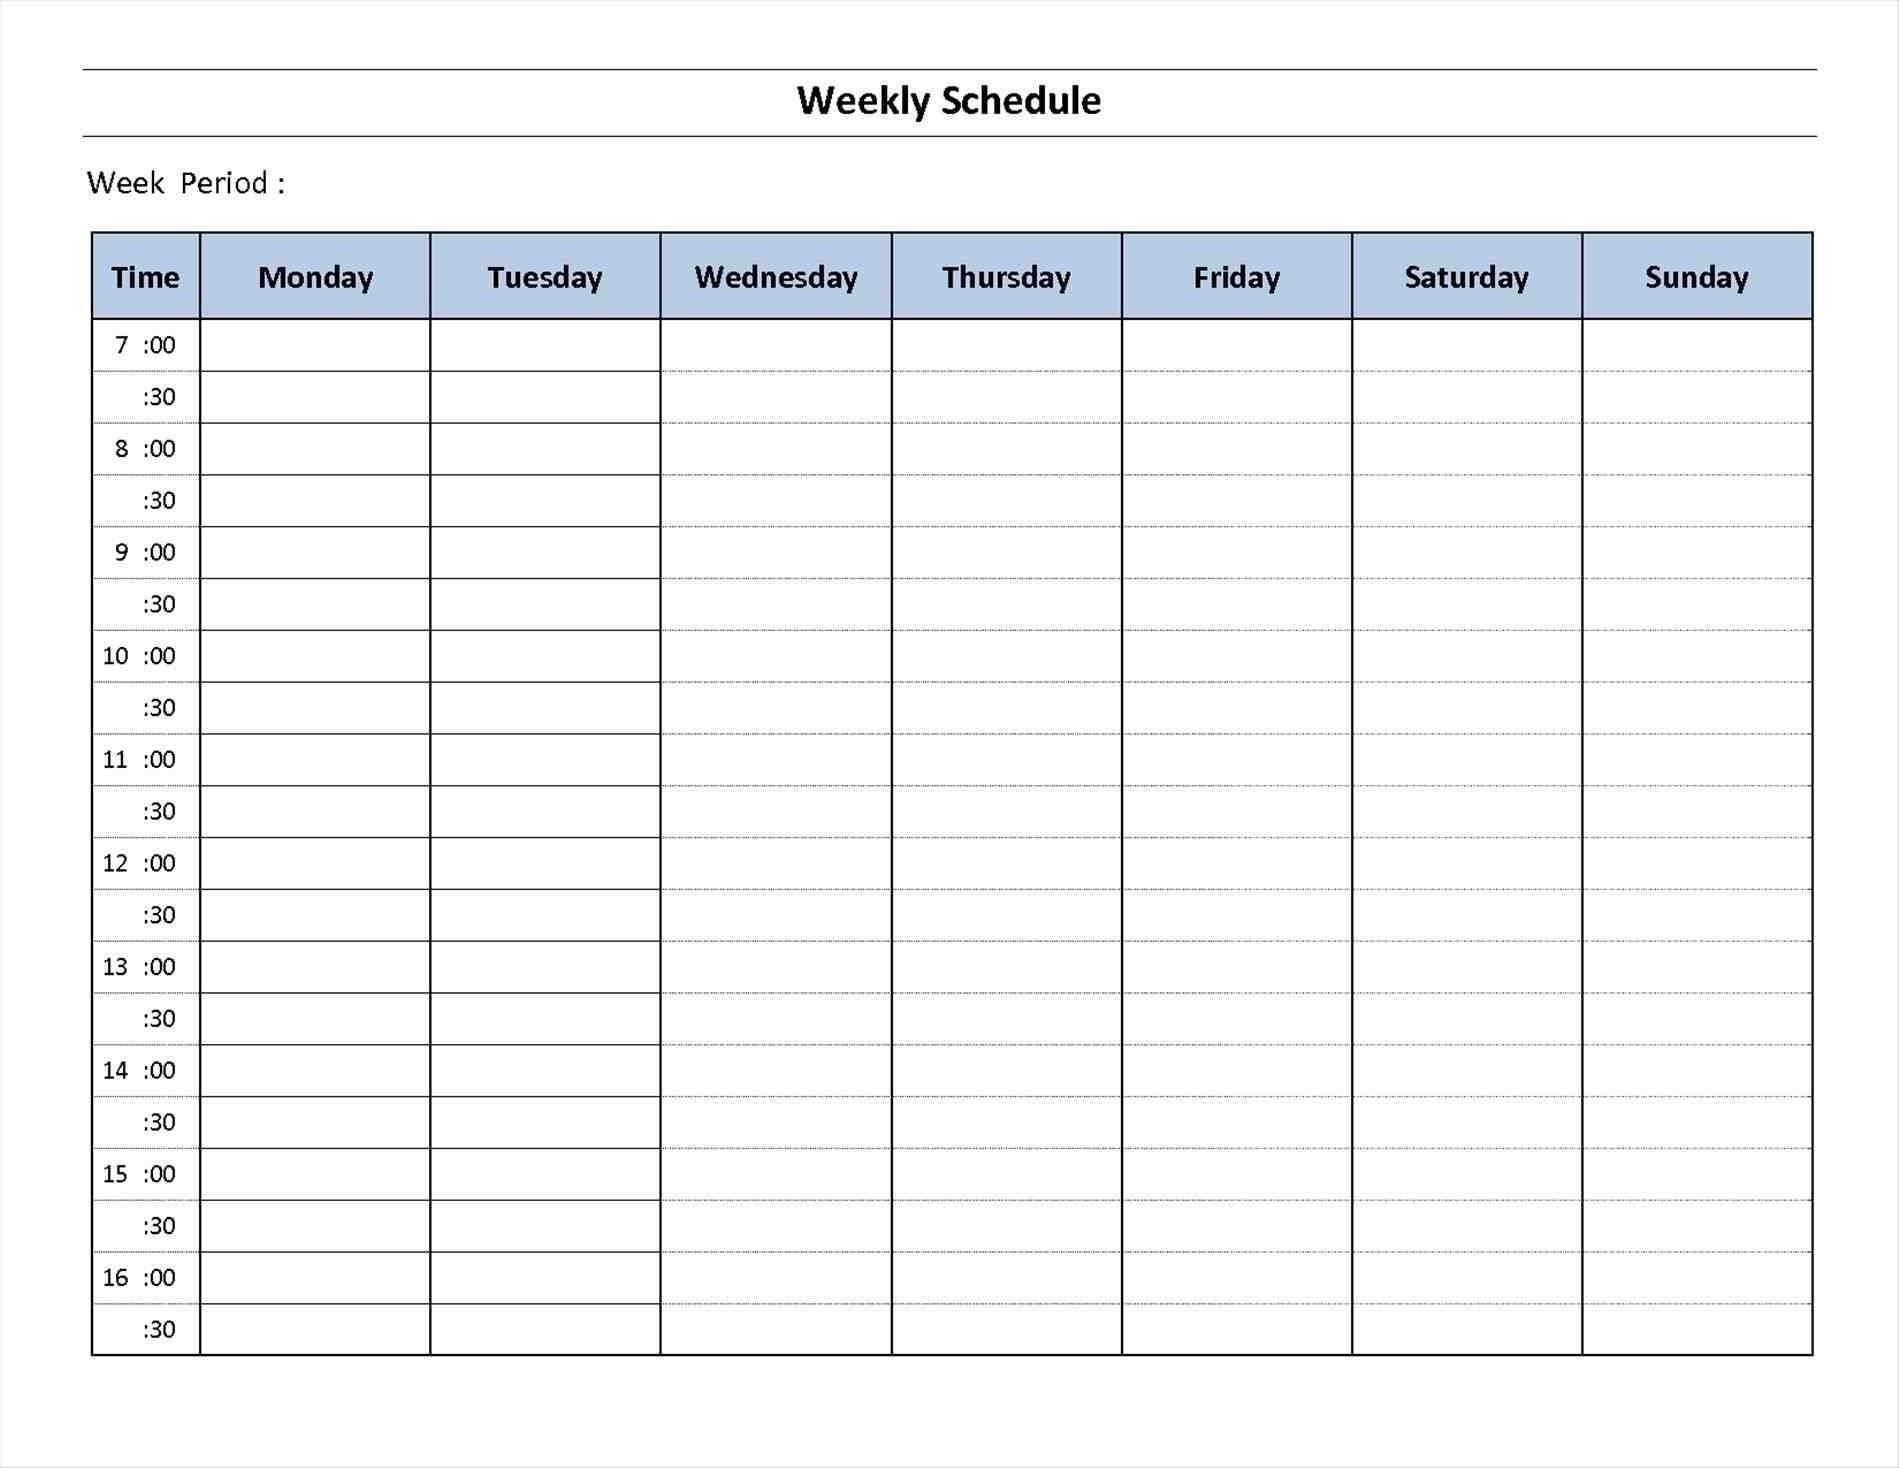 Schedule Template Ay Planner Week Calendar Printable Excel Word Free in Weekly Planner Printable Day 7